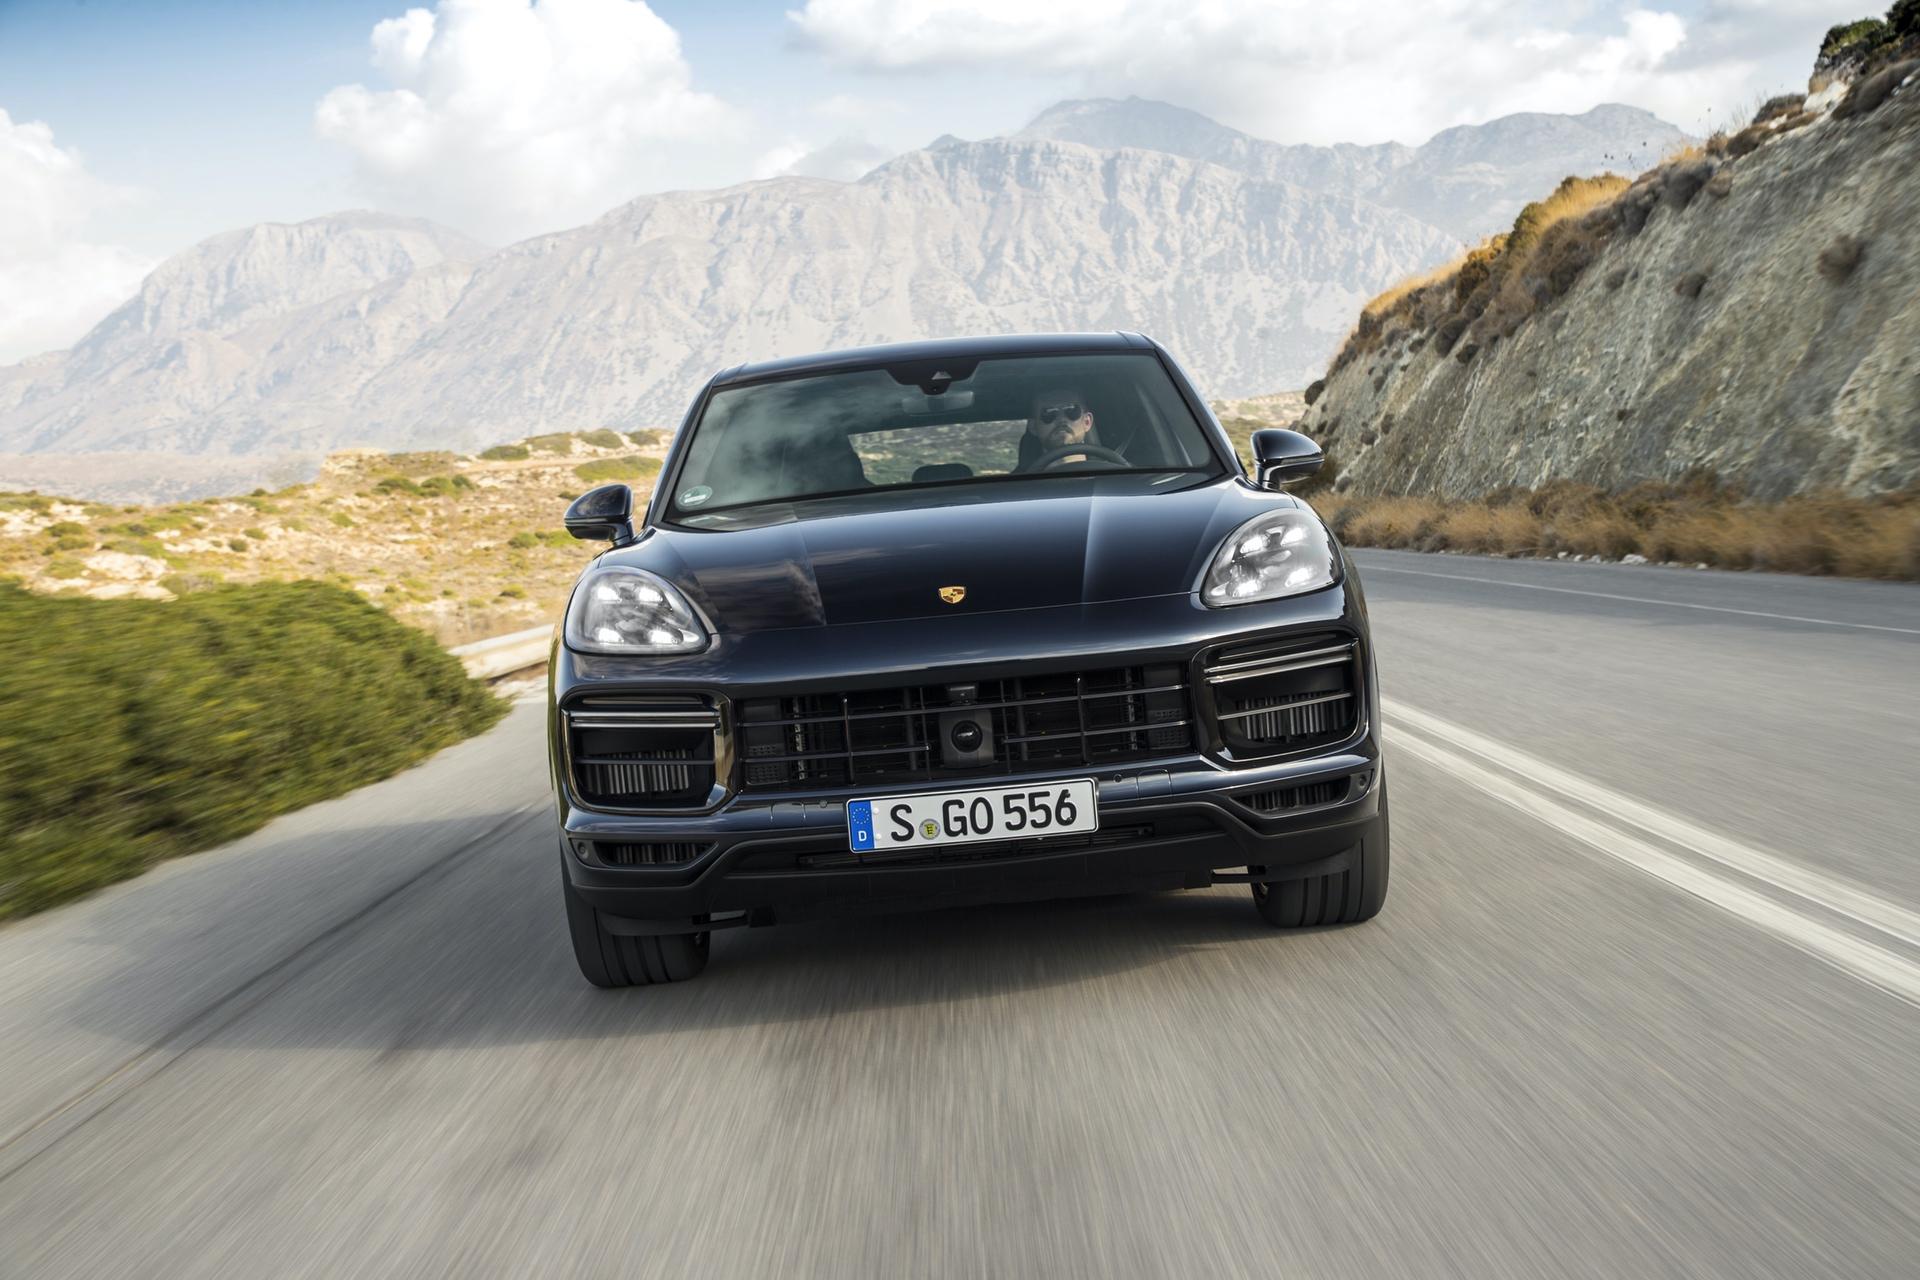 Test_Drive_Porsche_Cayenne_148